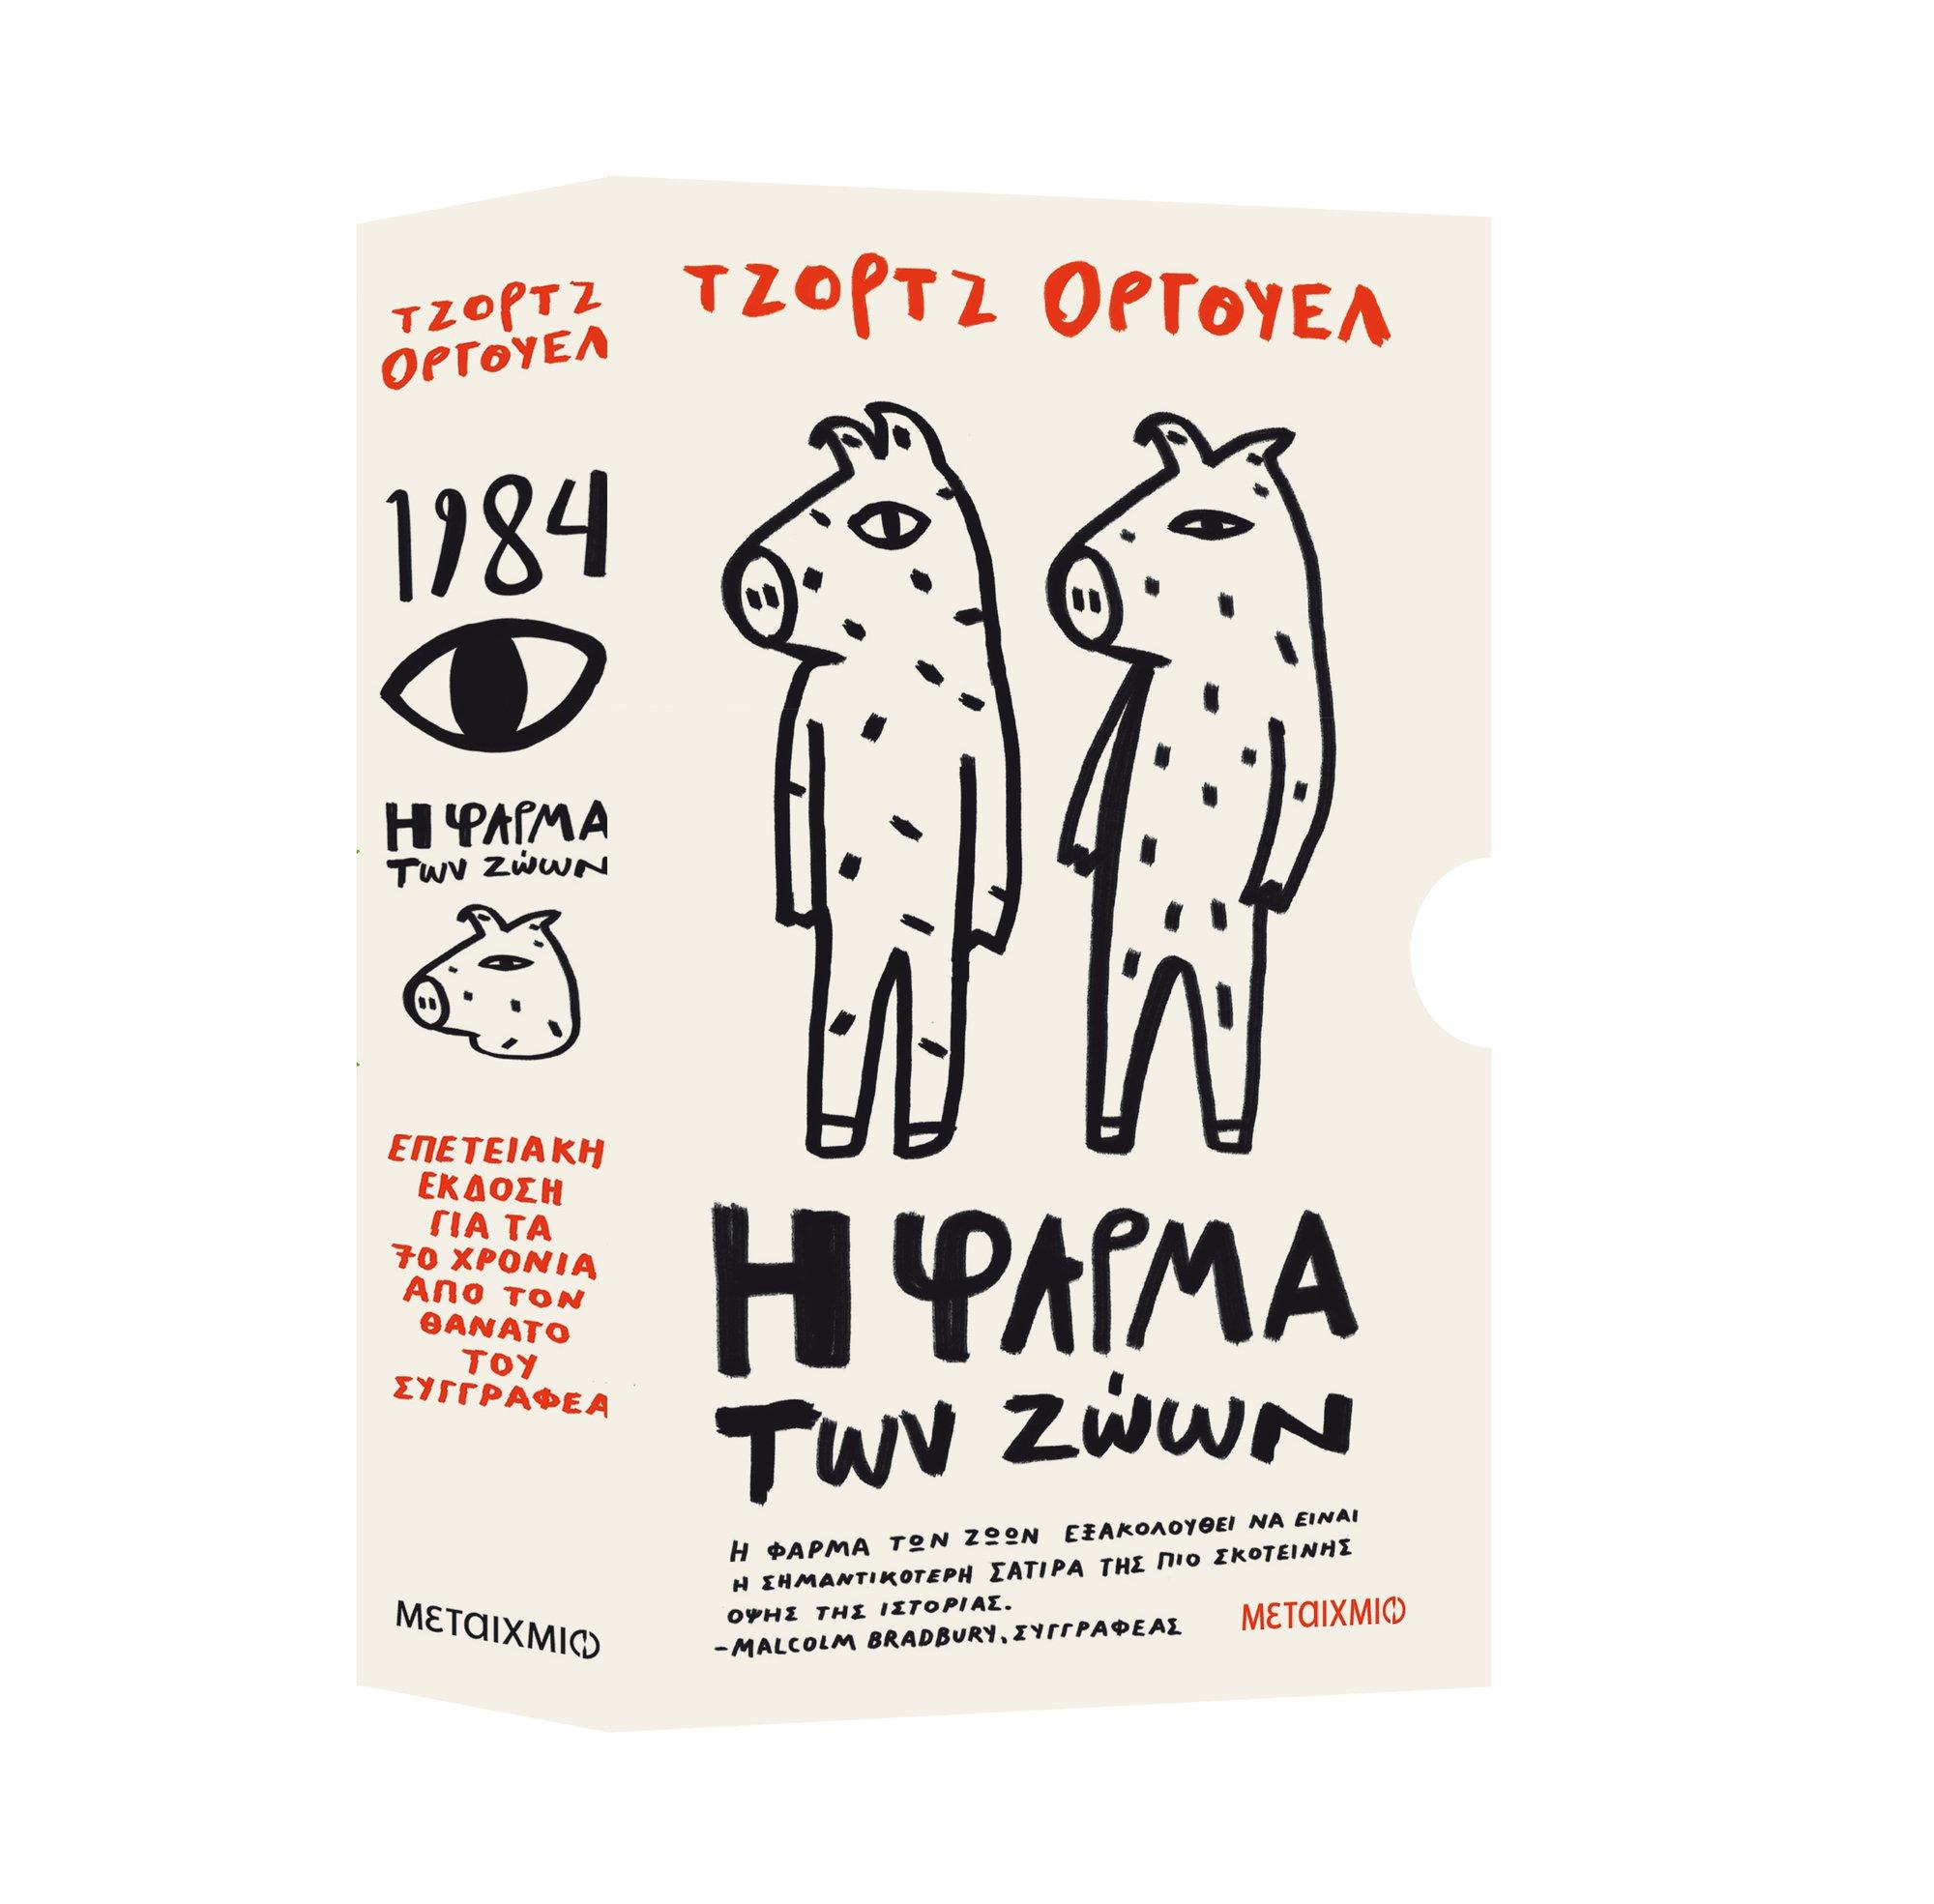 Κασετίνα Τζορτζ Όργουελ: 1984 - Η φάρμα των ζώων